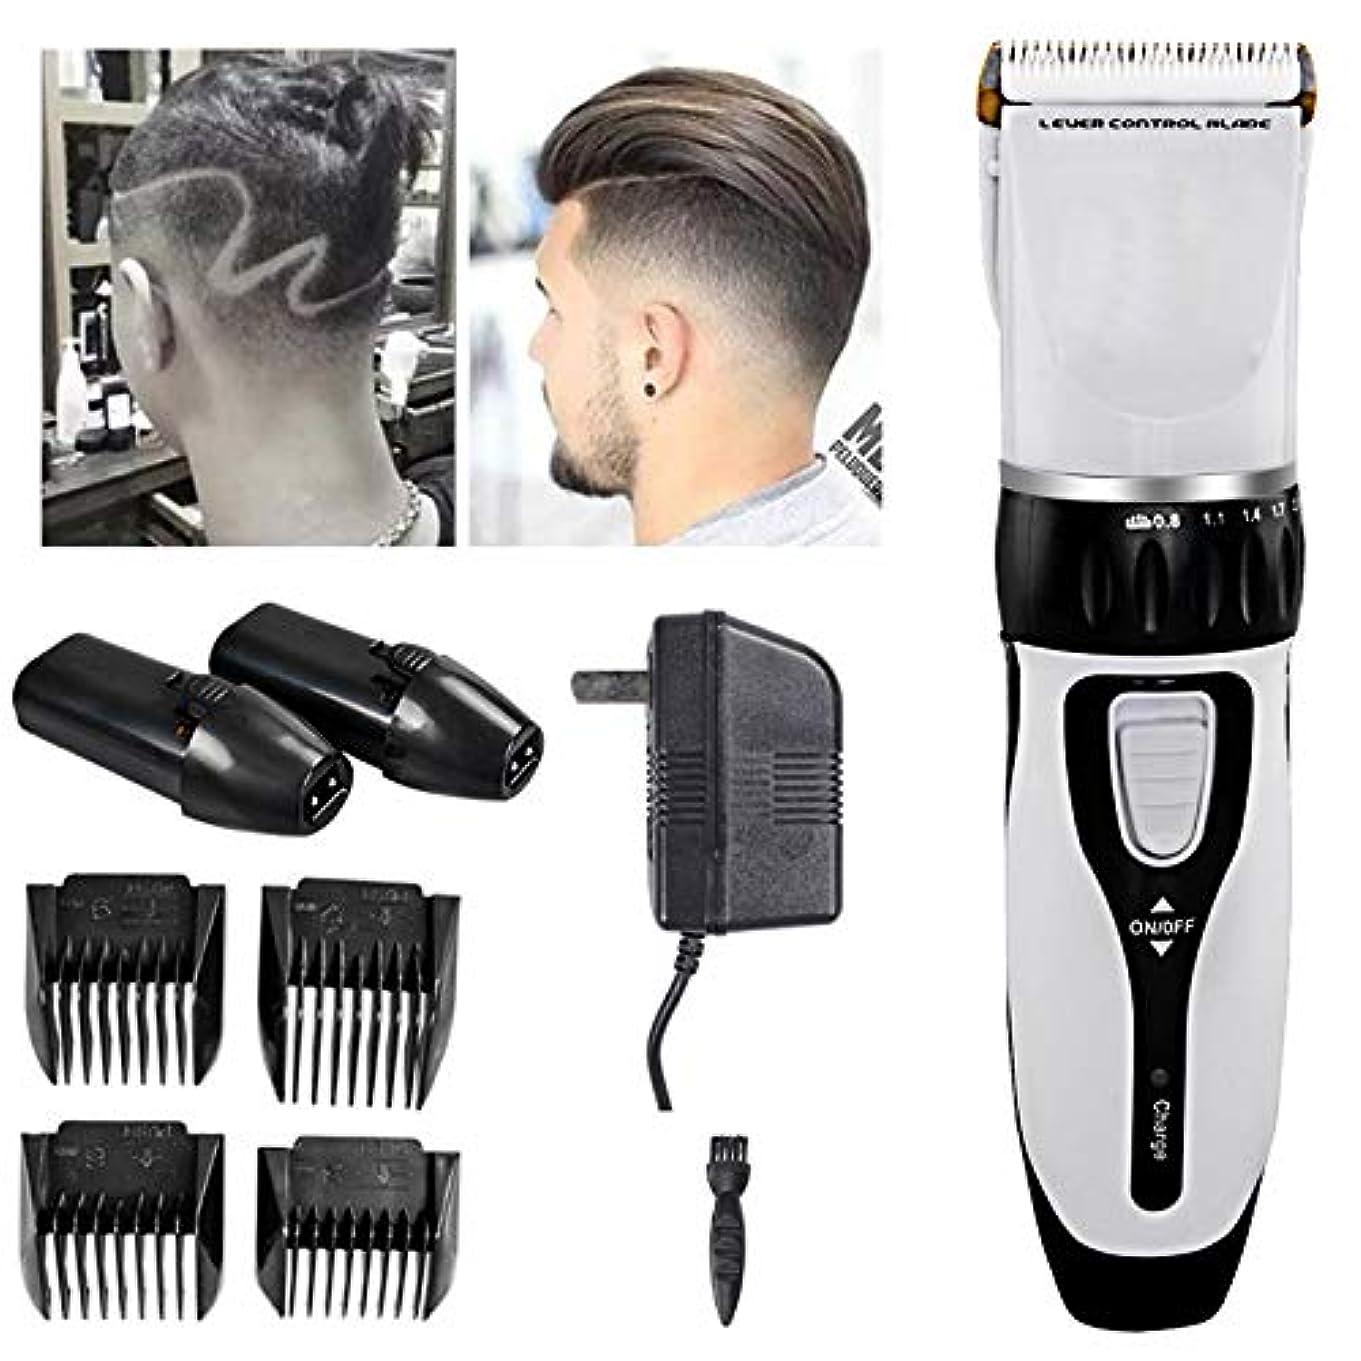 リボン一致するきつく男性のバリカンコードレストリマープロのバリカンひげ剃刀電気バリカンキットセラミックバリカン